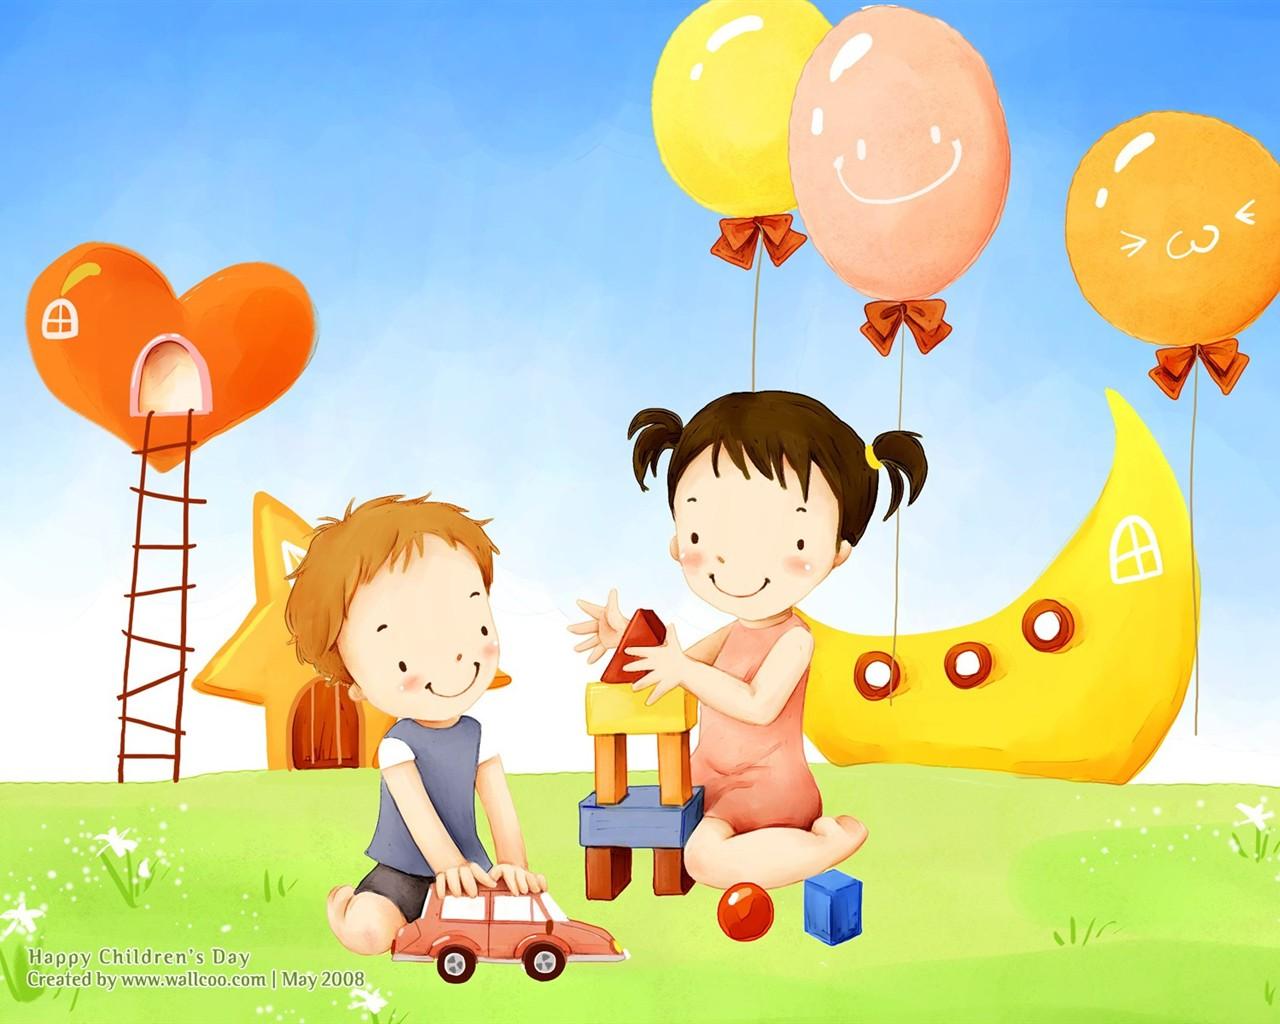 Bonito ilustrador del Día del Niño fondo de pantalla #27 - 1280x1024